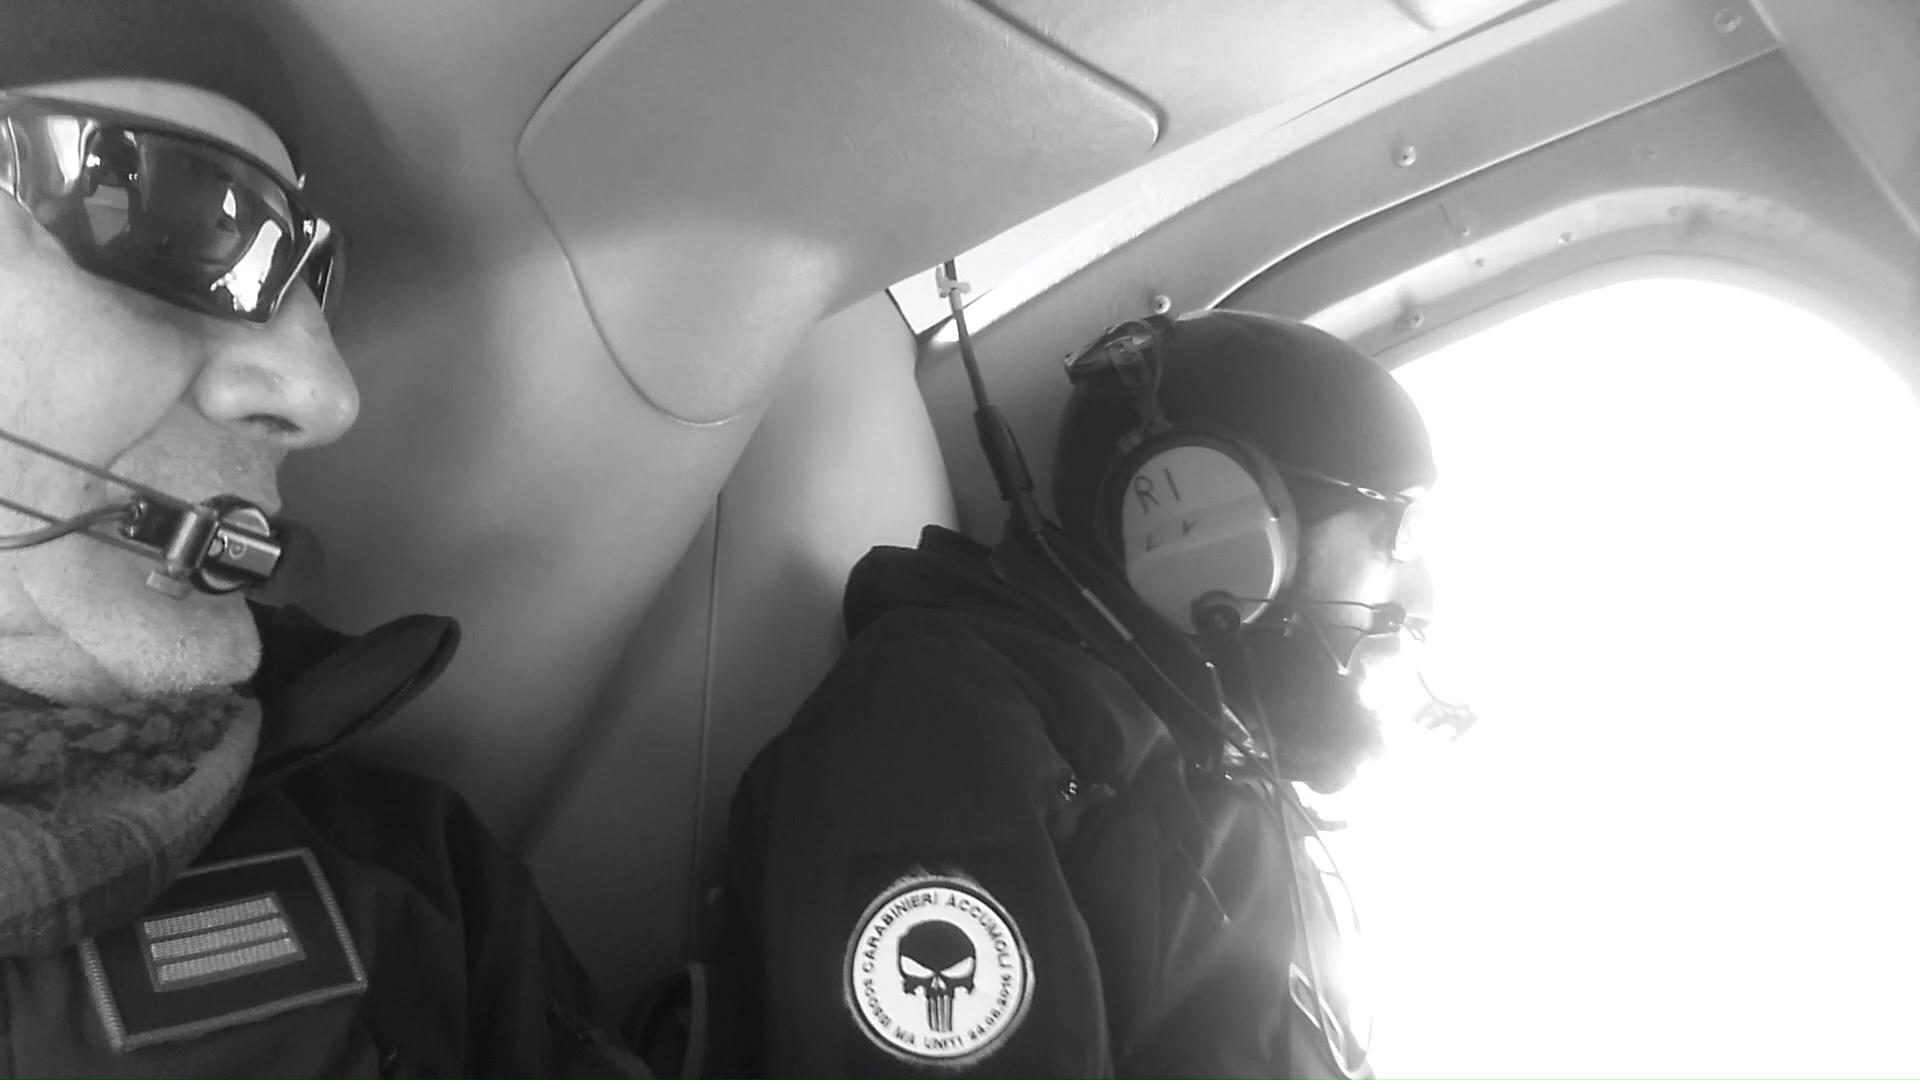 Ricognizione aerea alla ricerca di animali dispersi